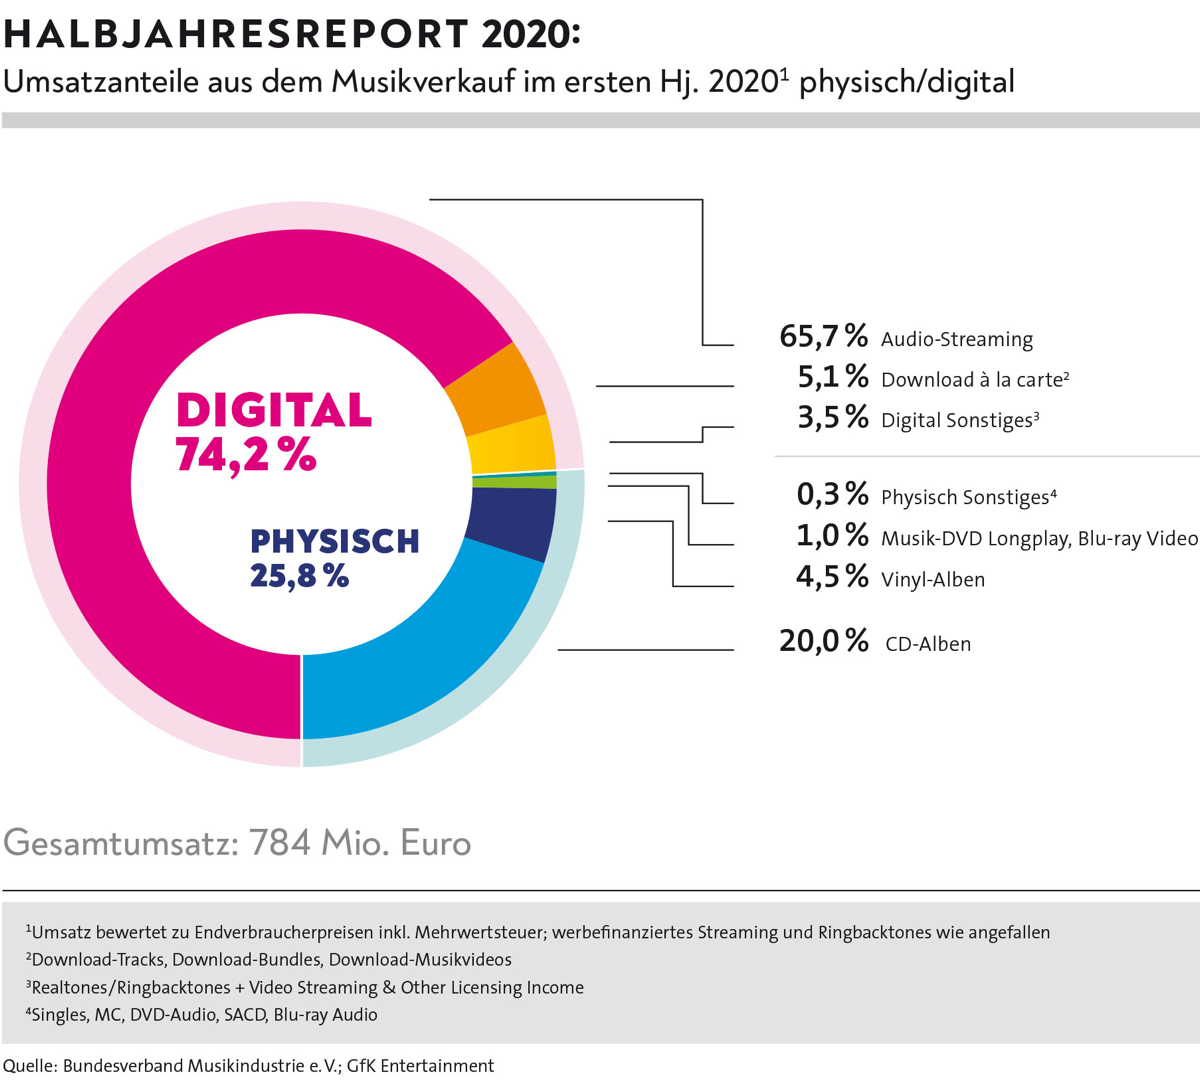 Deutsche Musikwirtschaft im 1. Halbjahr 2020 gewachsen